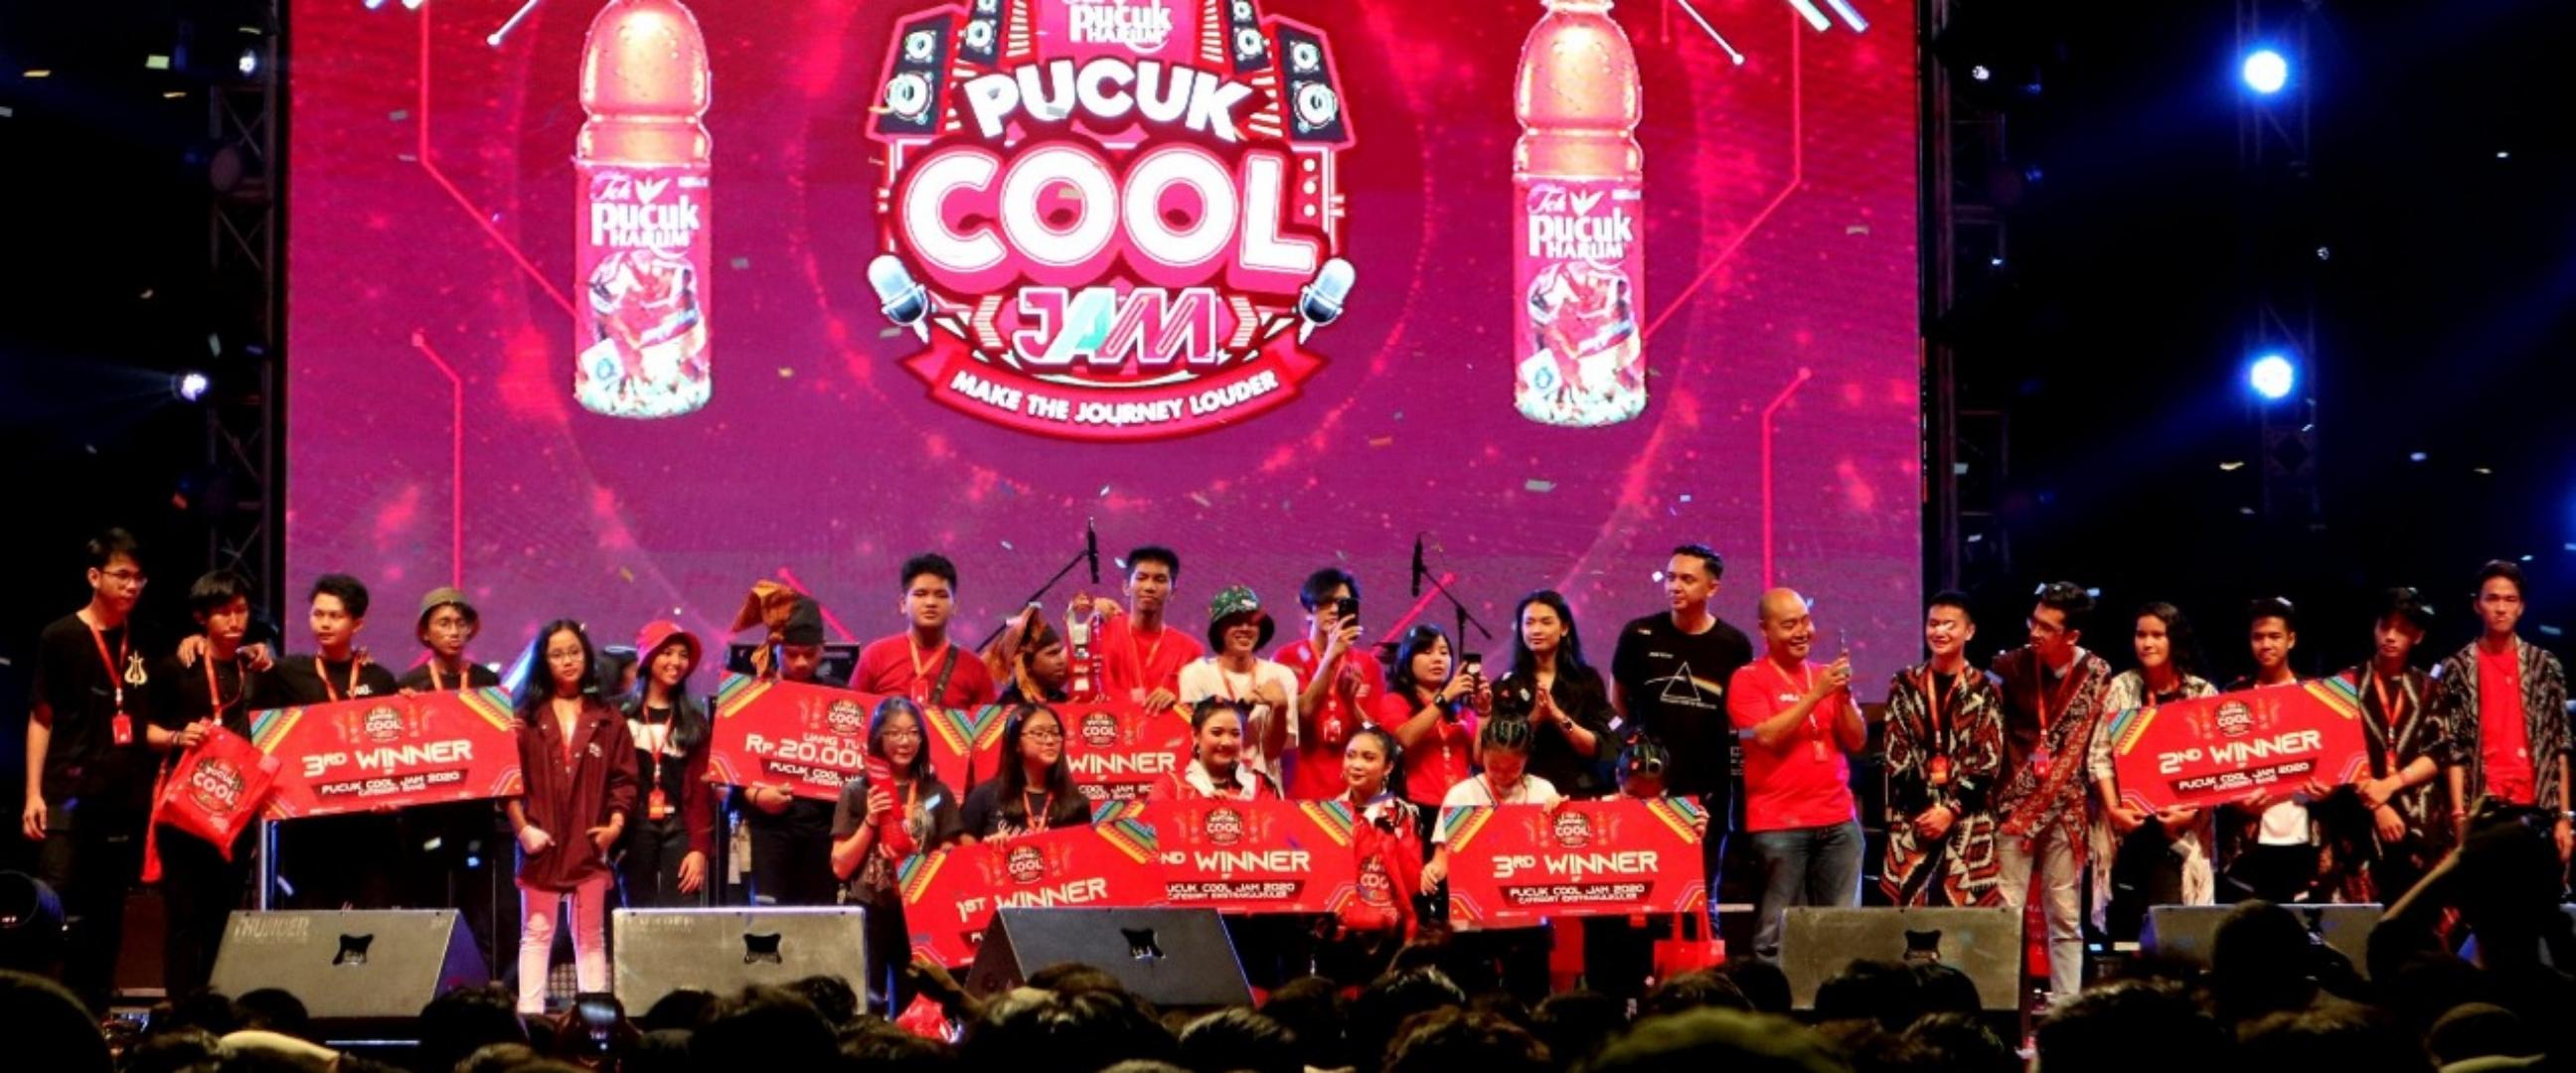 Nih 2 Juara Pucuk Cool Jam 2020 Make The Journey Louder